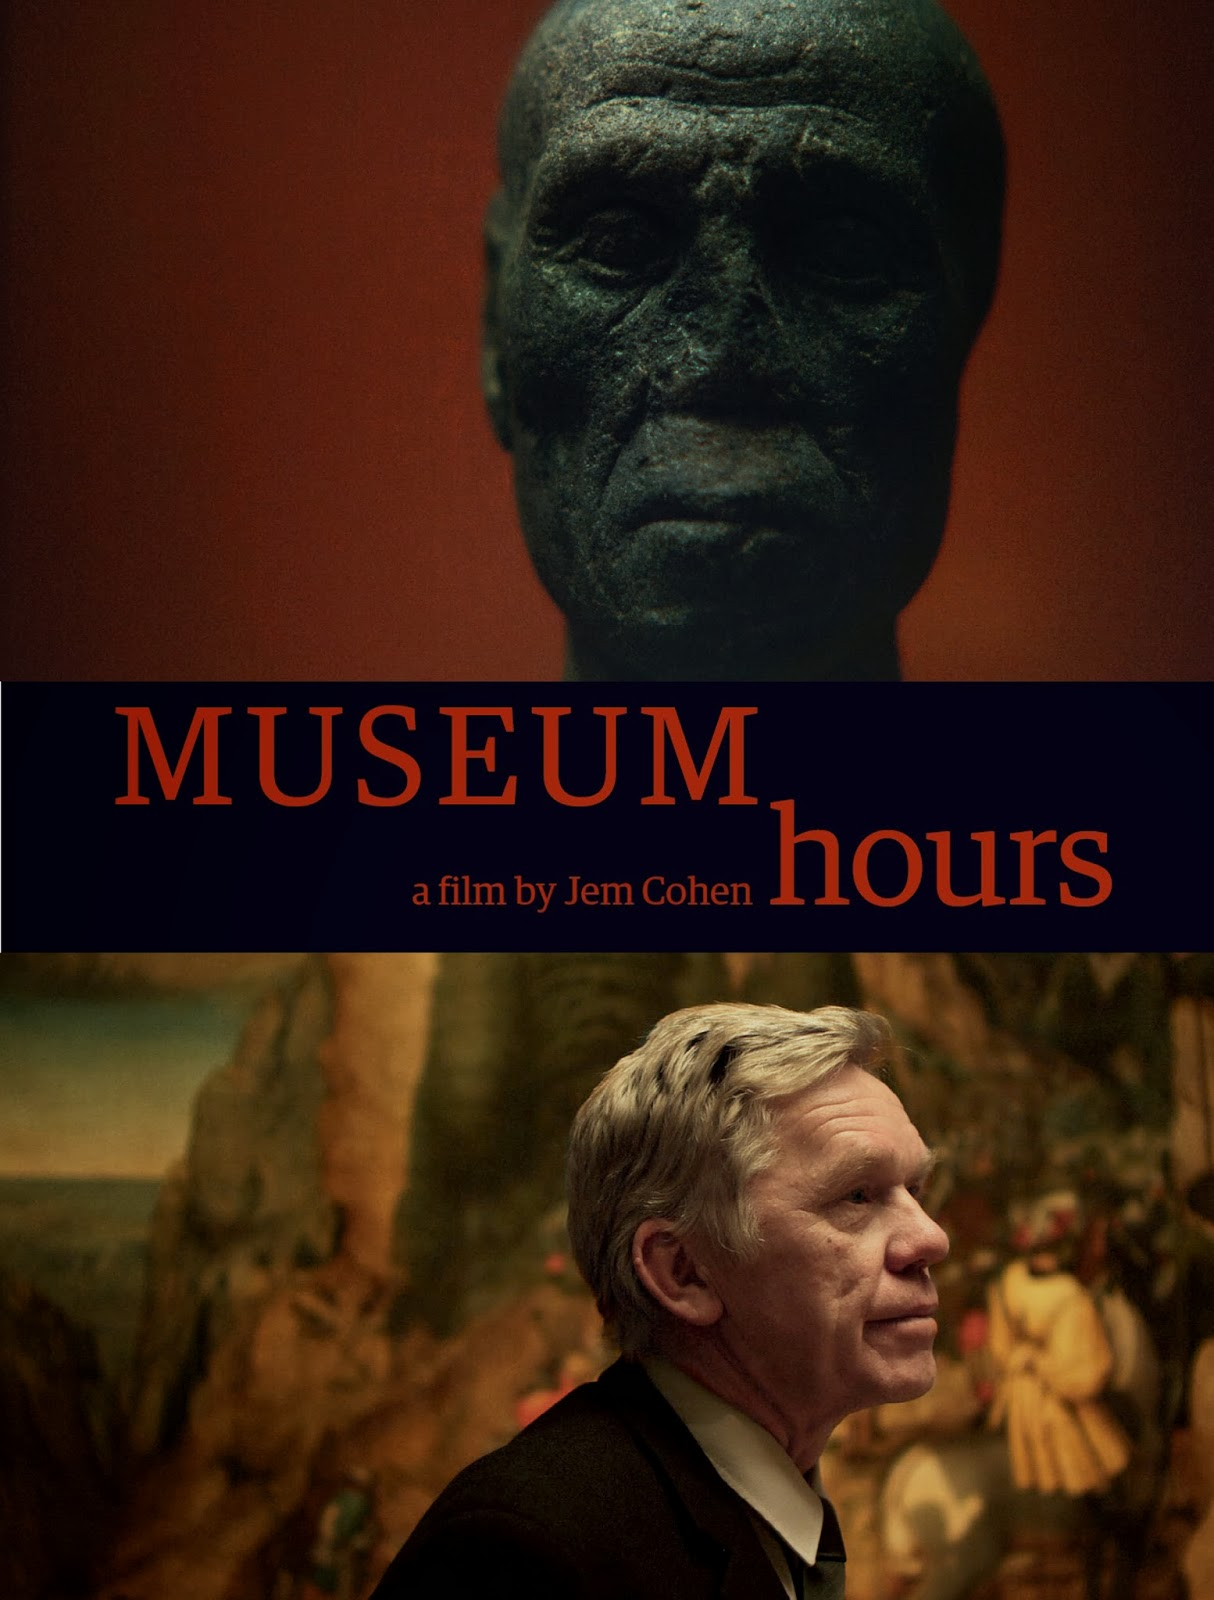 Spleen de Austria: Museum Hours, de Jem Cohen | Hacerse la crítica